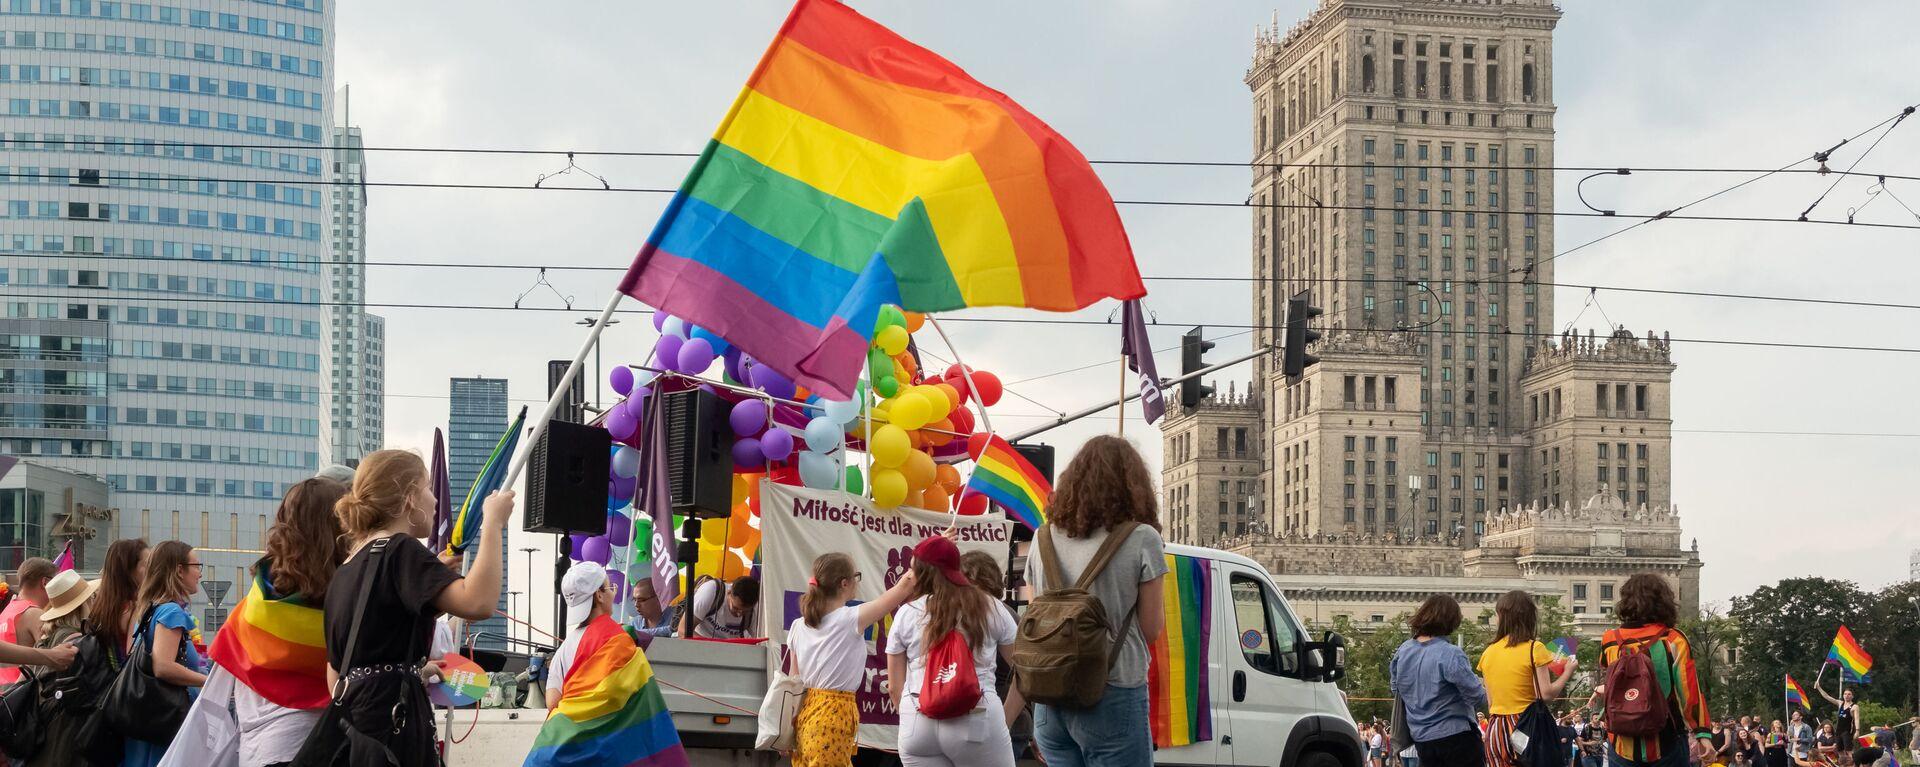 Pohod LGBT ve Varšavě - Sputnik Česká republika, 1920, 01.10.2020